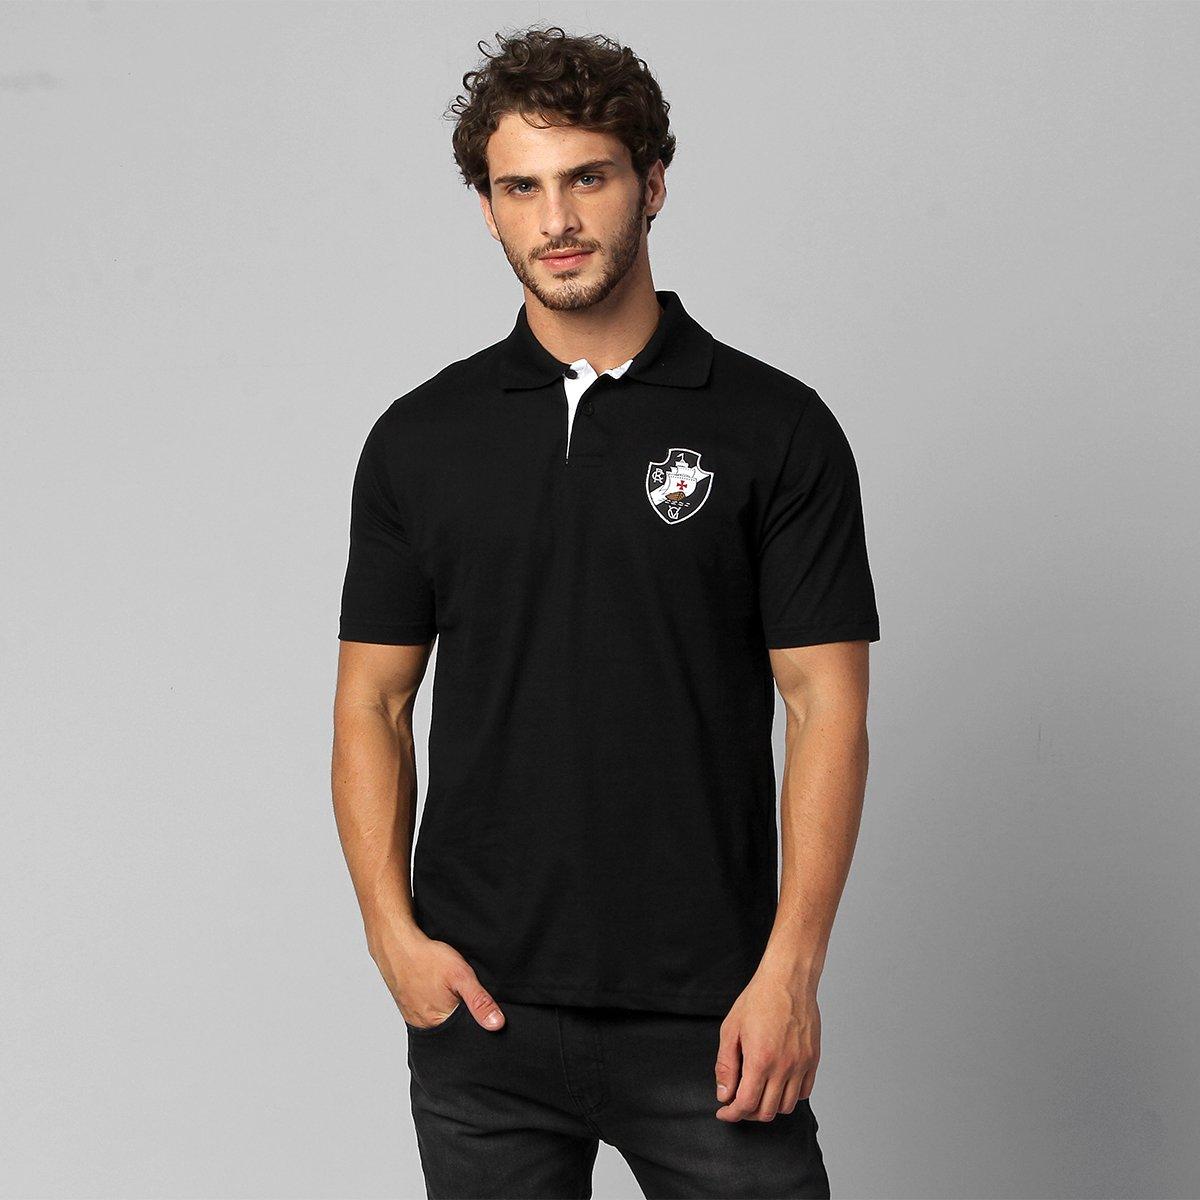 b42e89198de17 Camisa Polo Vasco Basic ADT | Shop Vasco